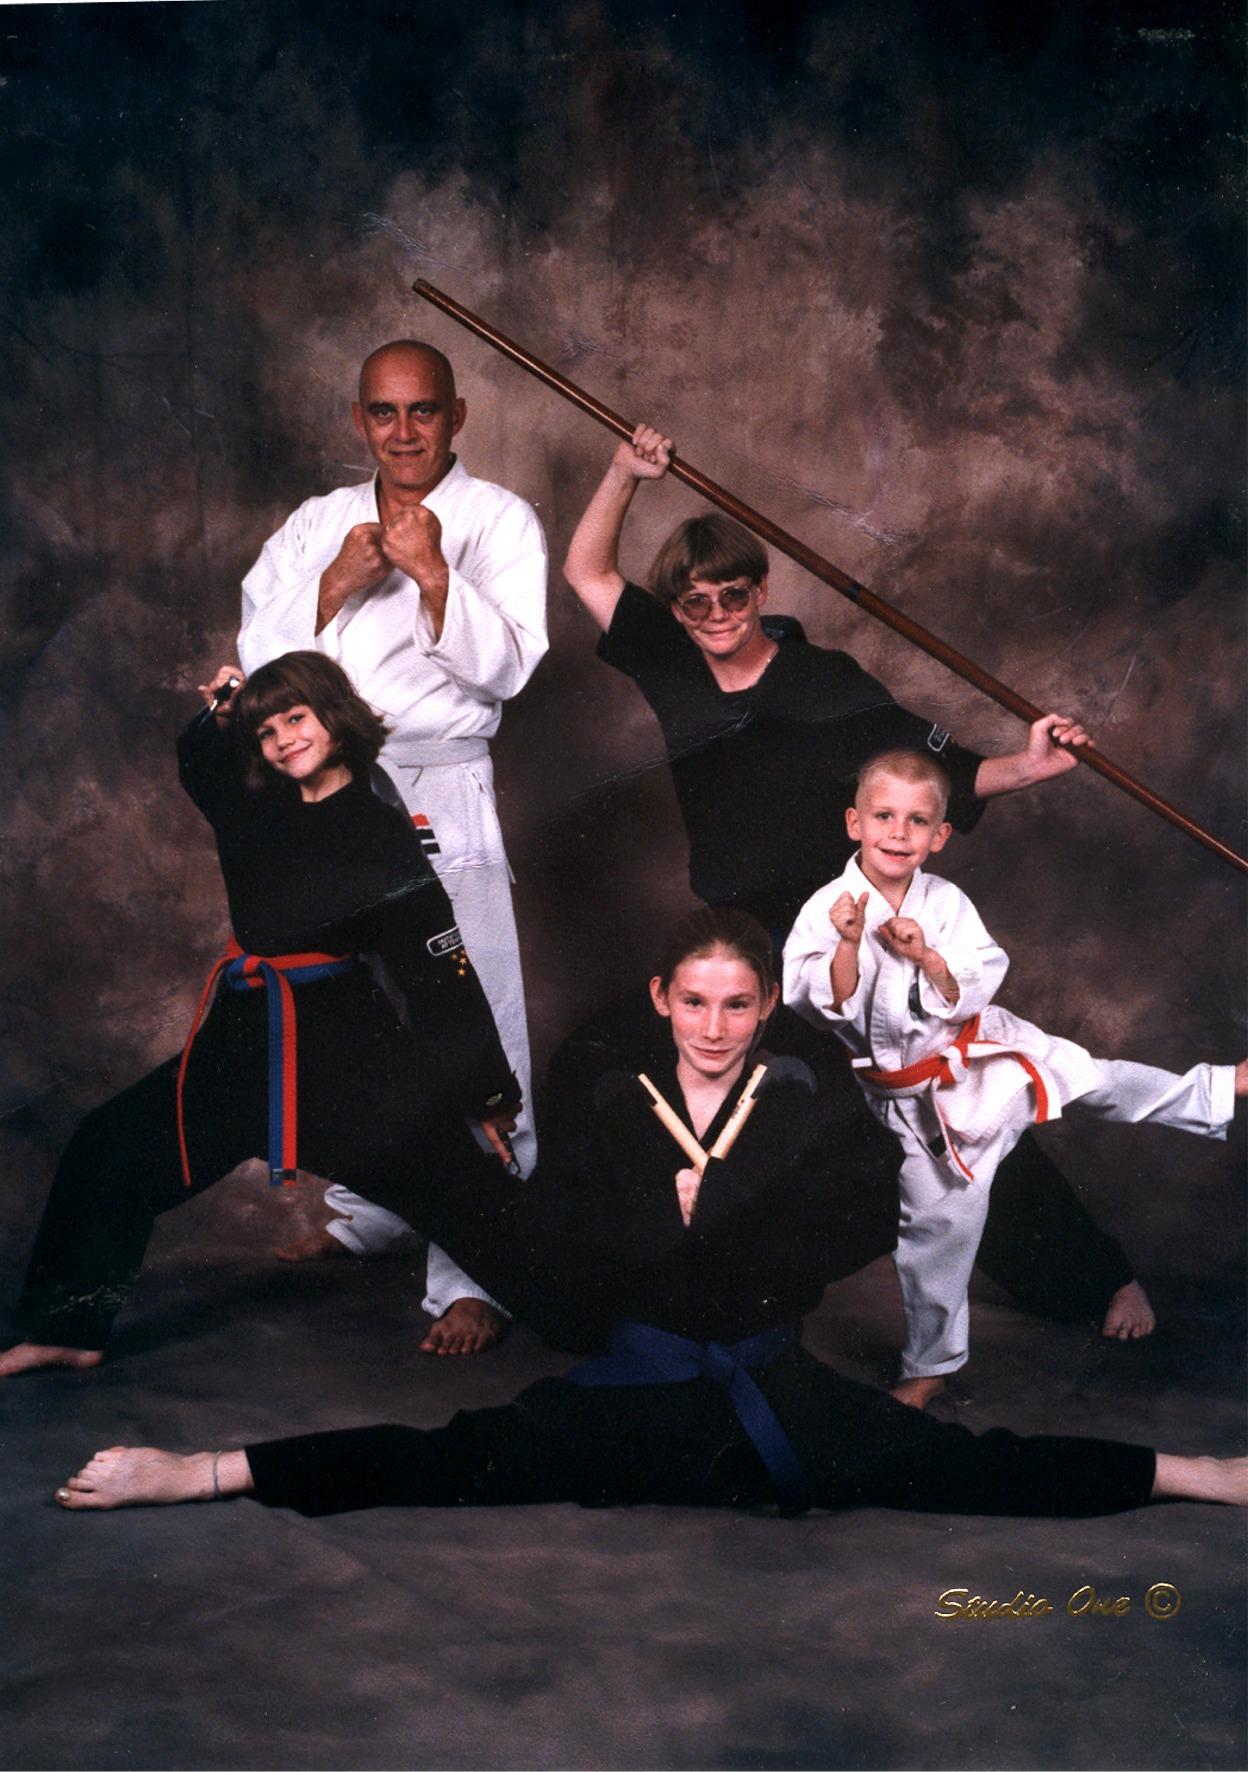 family karate.jpg